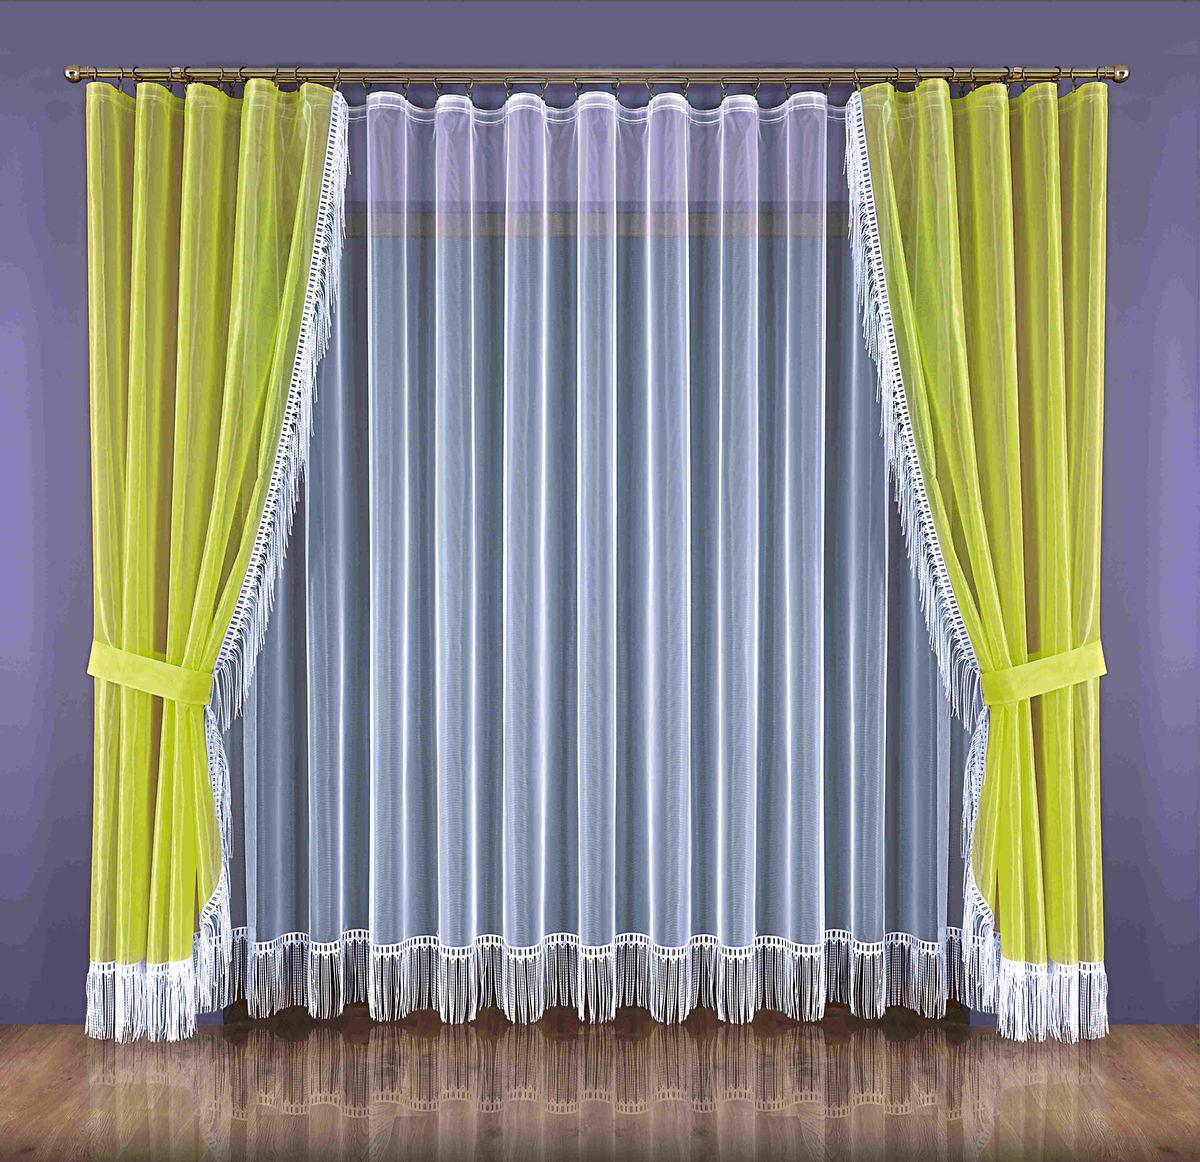 Комплект штор Wisan Zyta, на ленте, цвет: белый, салатовый, высота 250 смSVC-300Комплект штор Wisan Zyta, выполненный из полиэстера, великолепно украсит окно в гостиной или спальне. В комплект входят 2 шторы, тюль и 2 подхвата. Бахрома придает комплекту особый стиль и шарм. Тонкое плетение, нежная цветовая гамма и роскошное исполнение - все это делает шторы Wisan Zyta замечательным дополнением интерьера комнаты. Шторы оснащены шторной лентой для красивой сборки, а также двумя подхватами. В комплект входит: Штора - 2 шт. Размер (ШхВ): 150 см х 250 см. Тюль - 1 шт. Размер (ШхВ): 300 см х 250 см. Подхват - 2 шт.